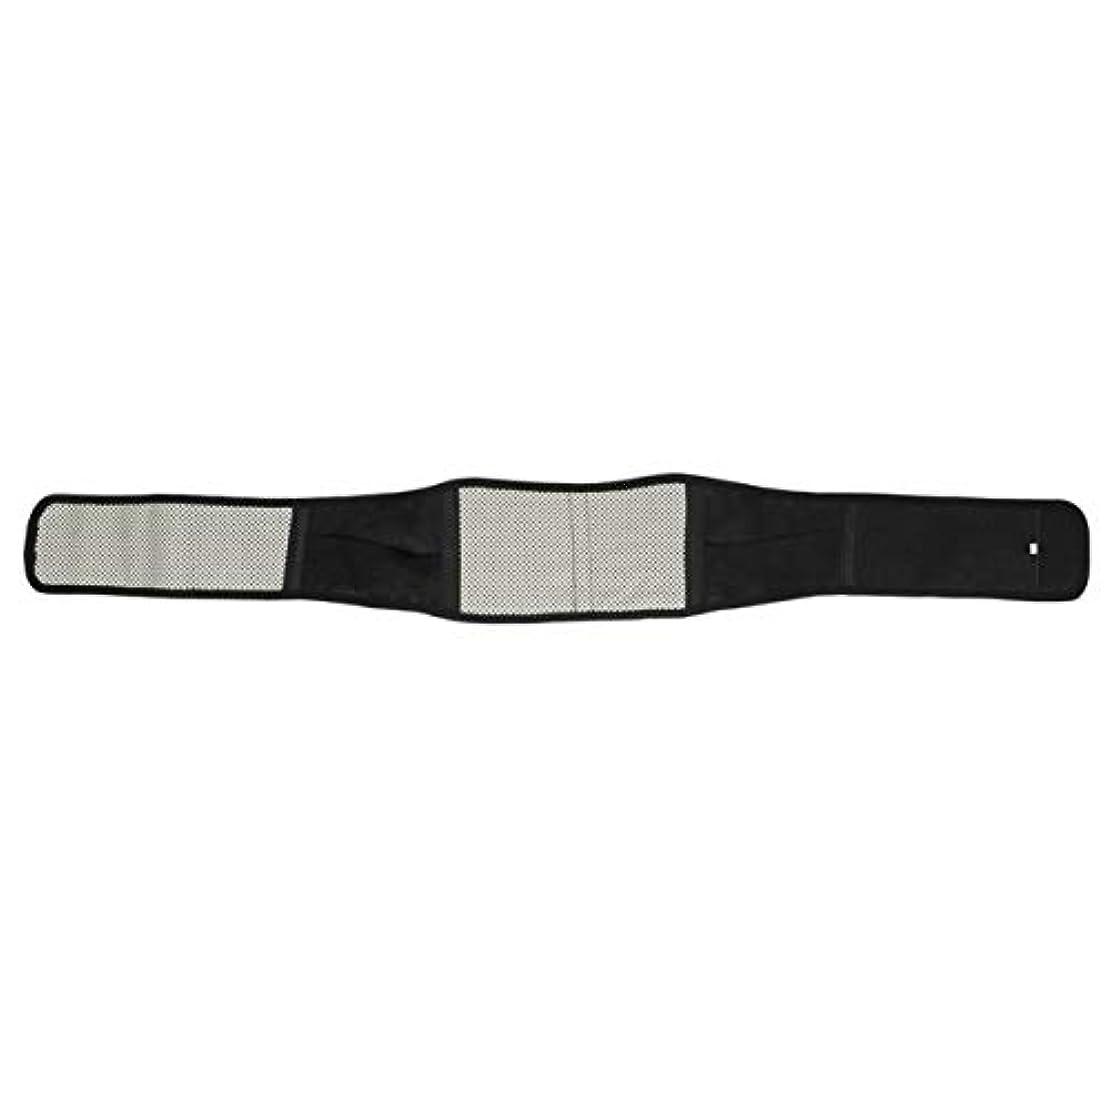 決定するクレーターアセDeeploveUU 腰椎サポートペインマッサージャー赤外線磁気バックブレース自己発熱療法ウエストベルト調節可能な姿勢ベルト